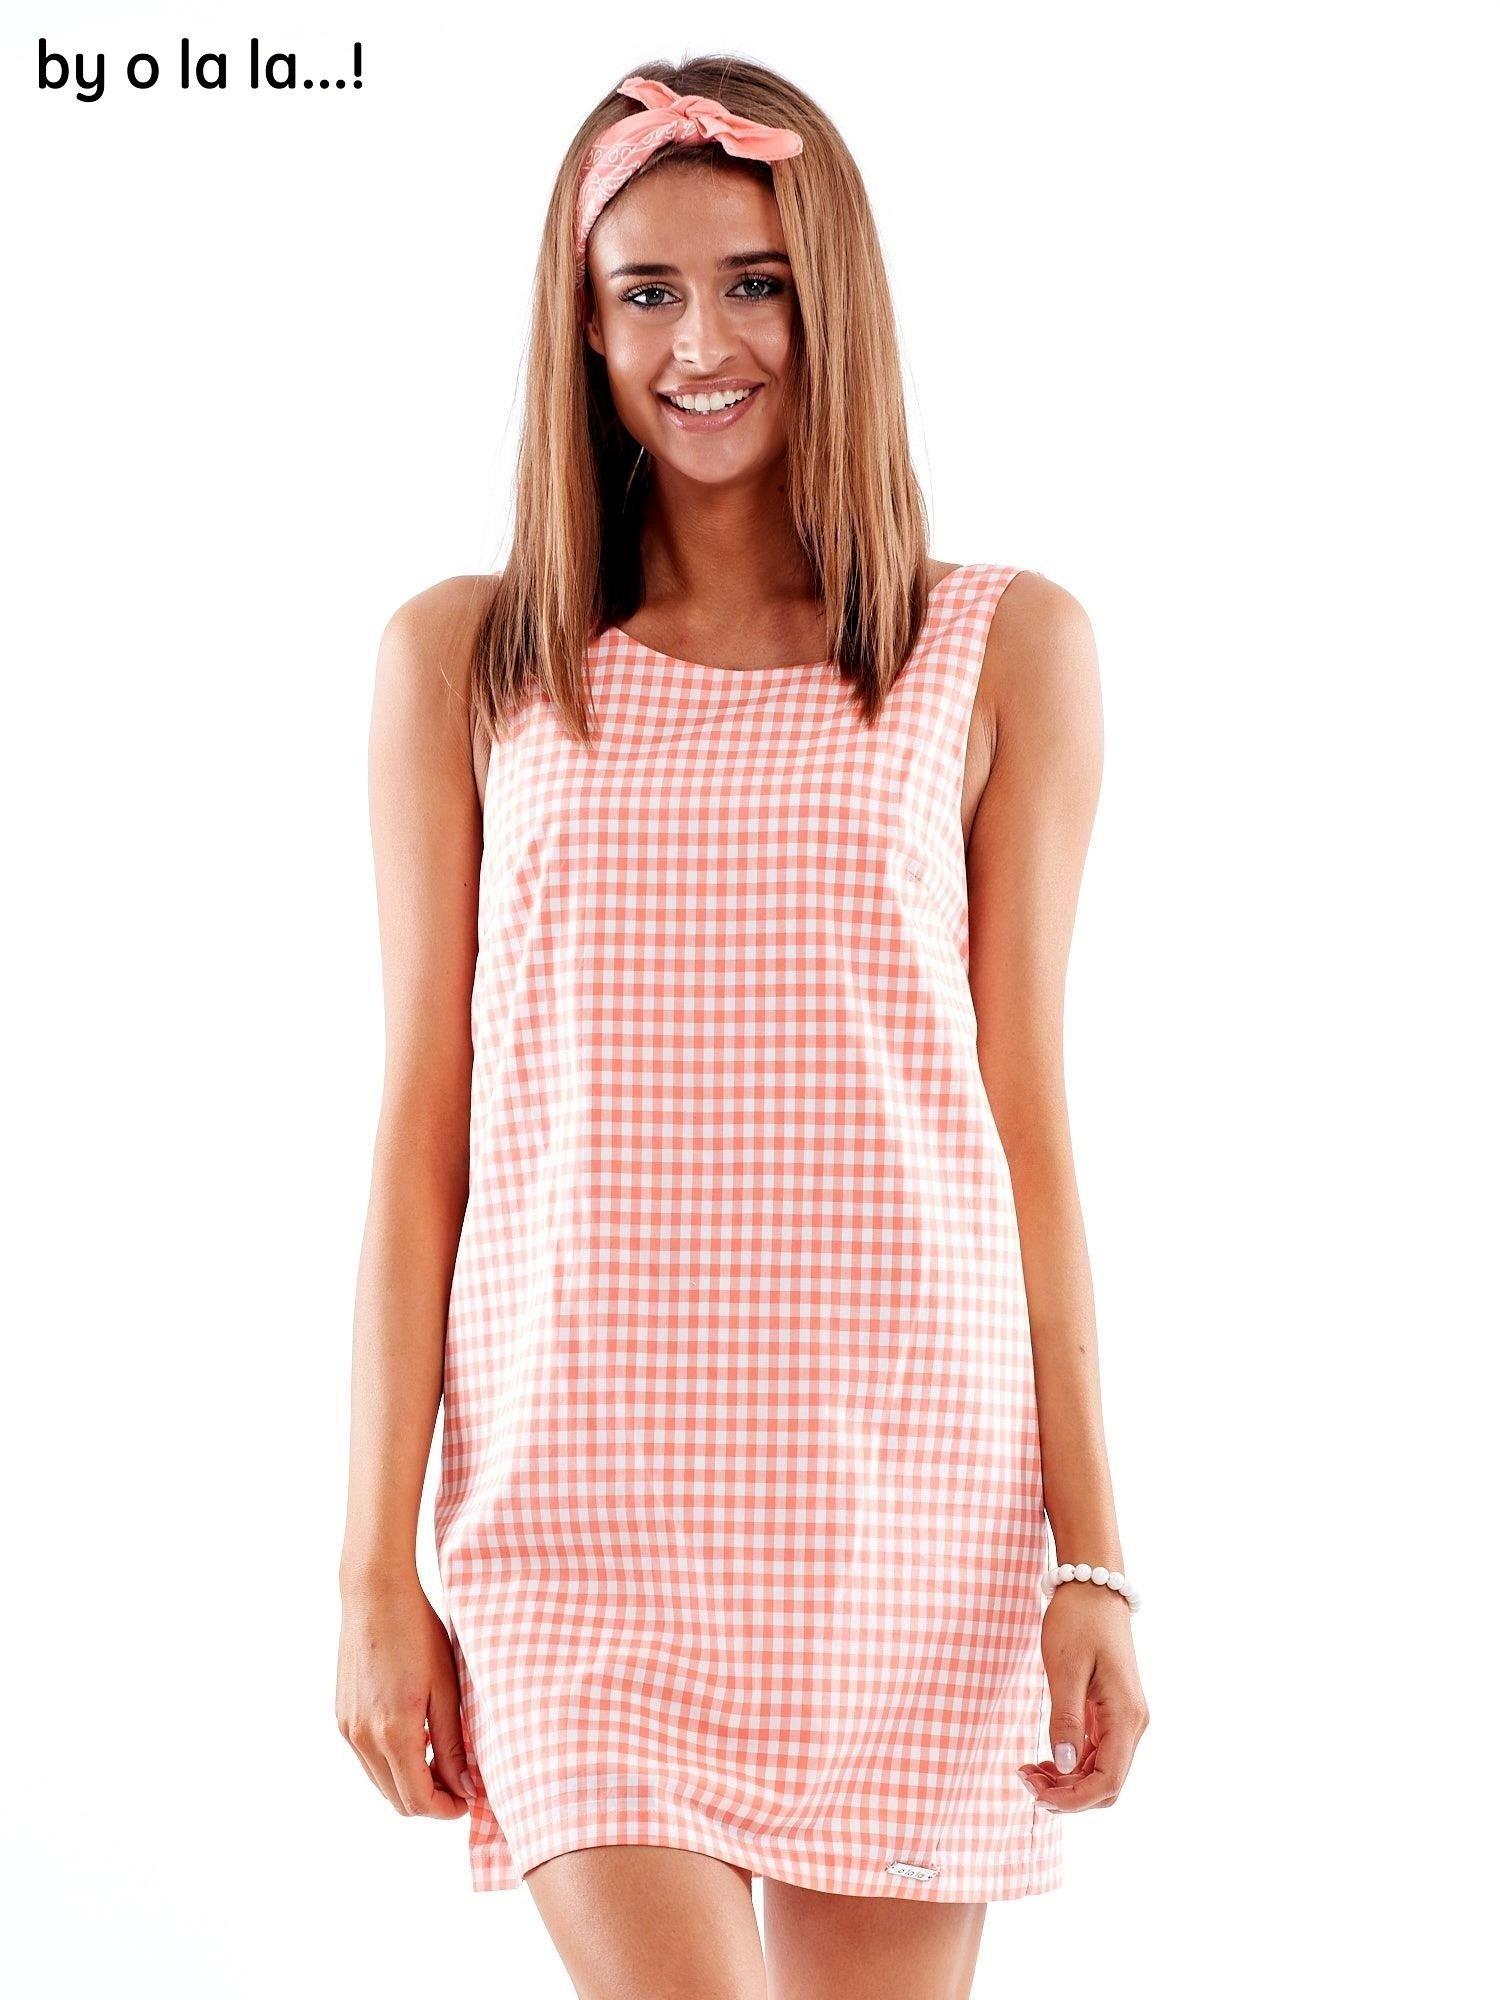 a5ef8a05c1 Koralowa sukienka w kratkę z dekoltem na plecach BY O LA LA - Sukienka  dopasowana - sklep eButik.pl